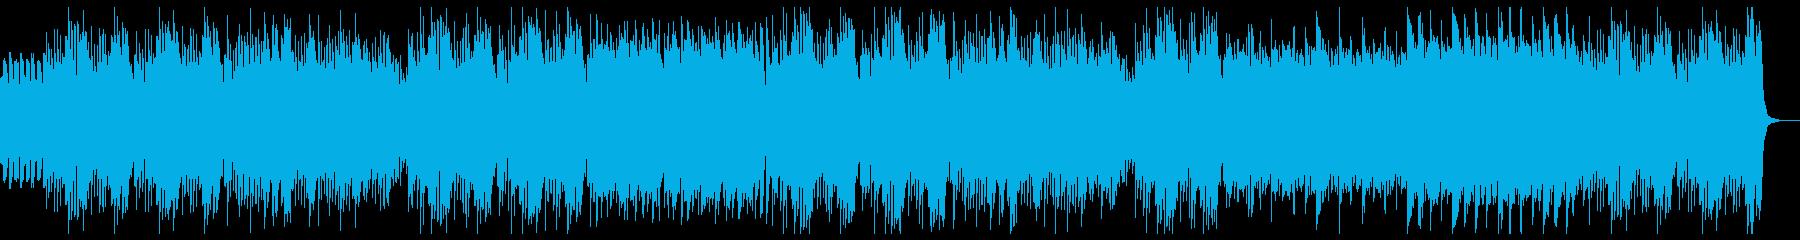 明るく楽しいキッズピアノ:スネアなしの再生済みの波形